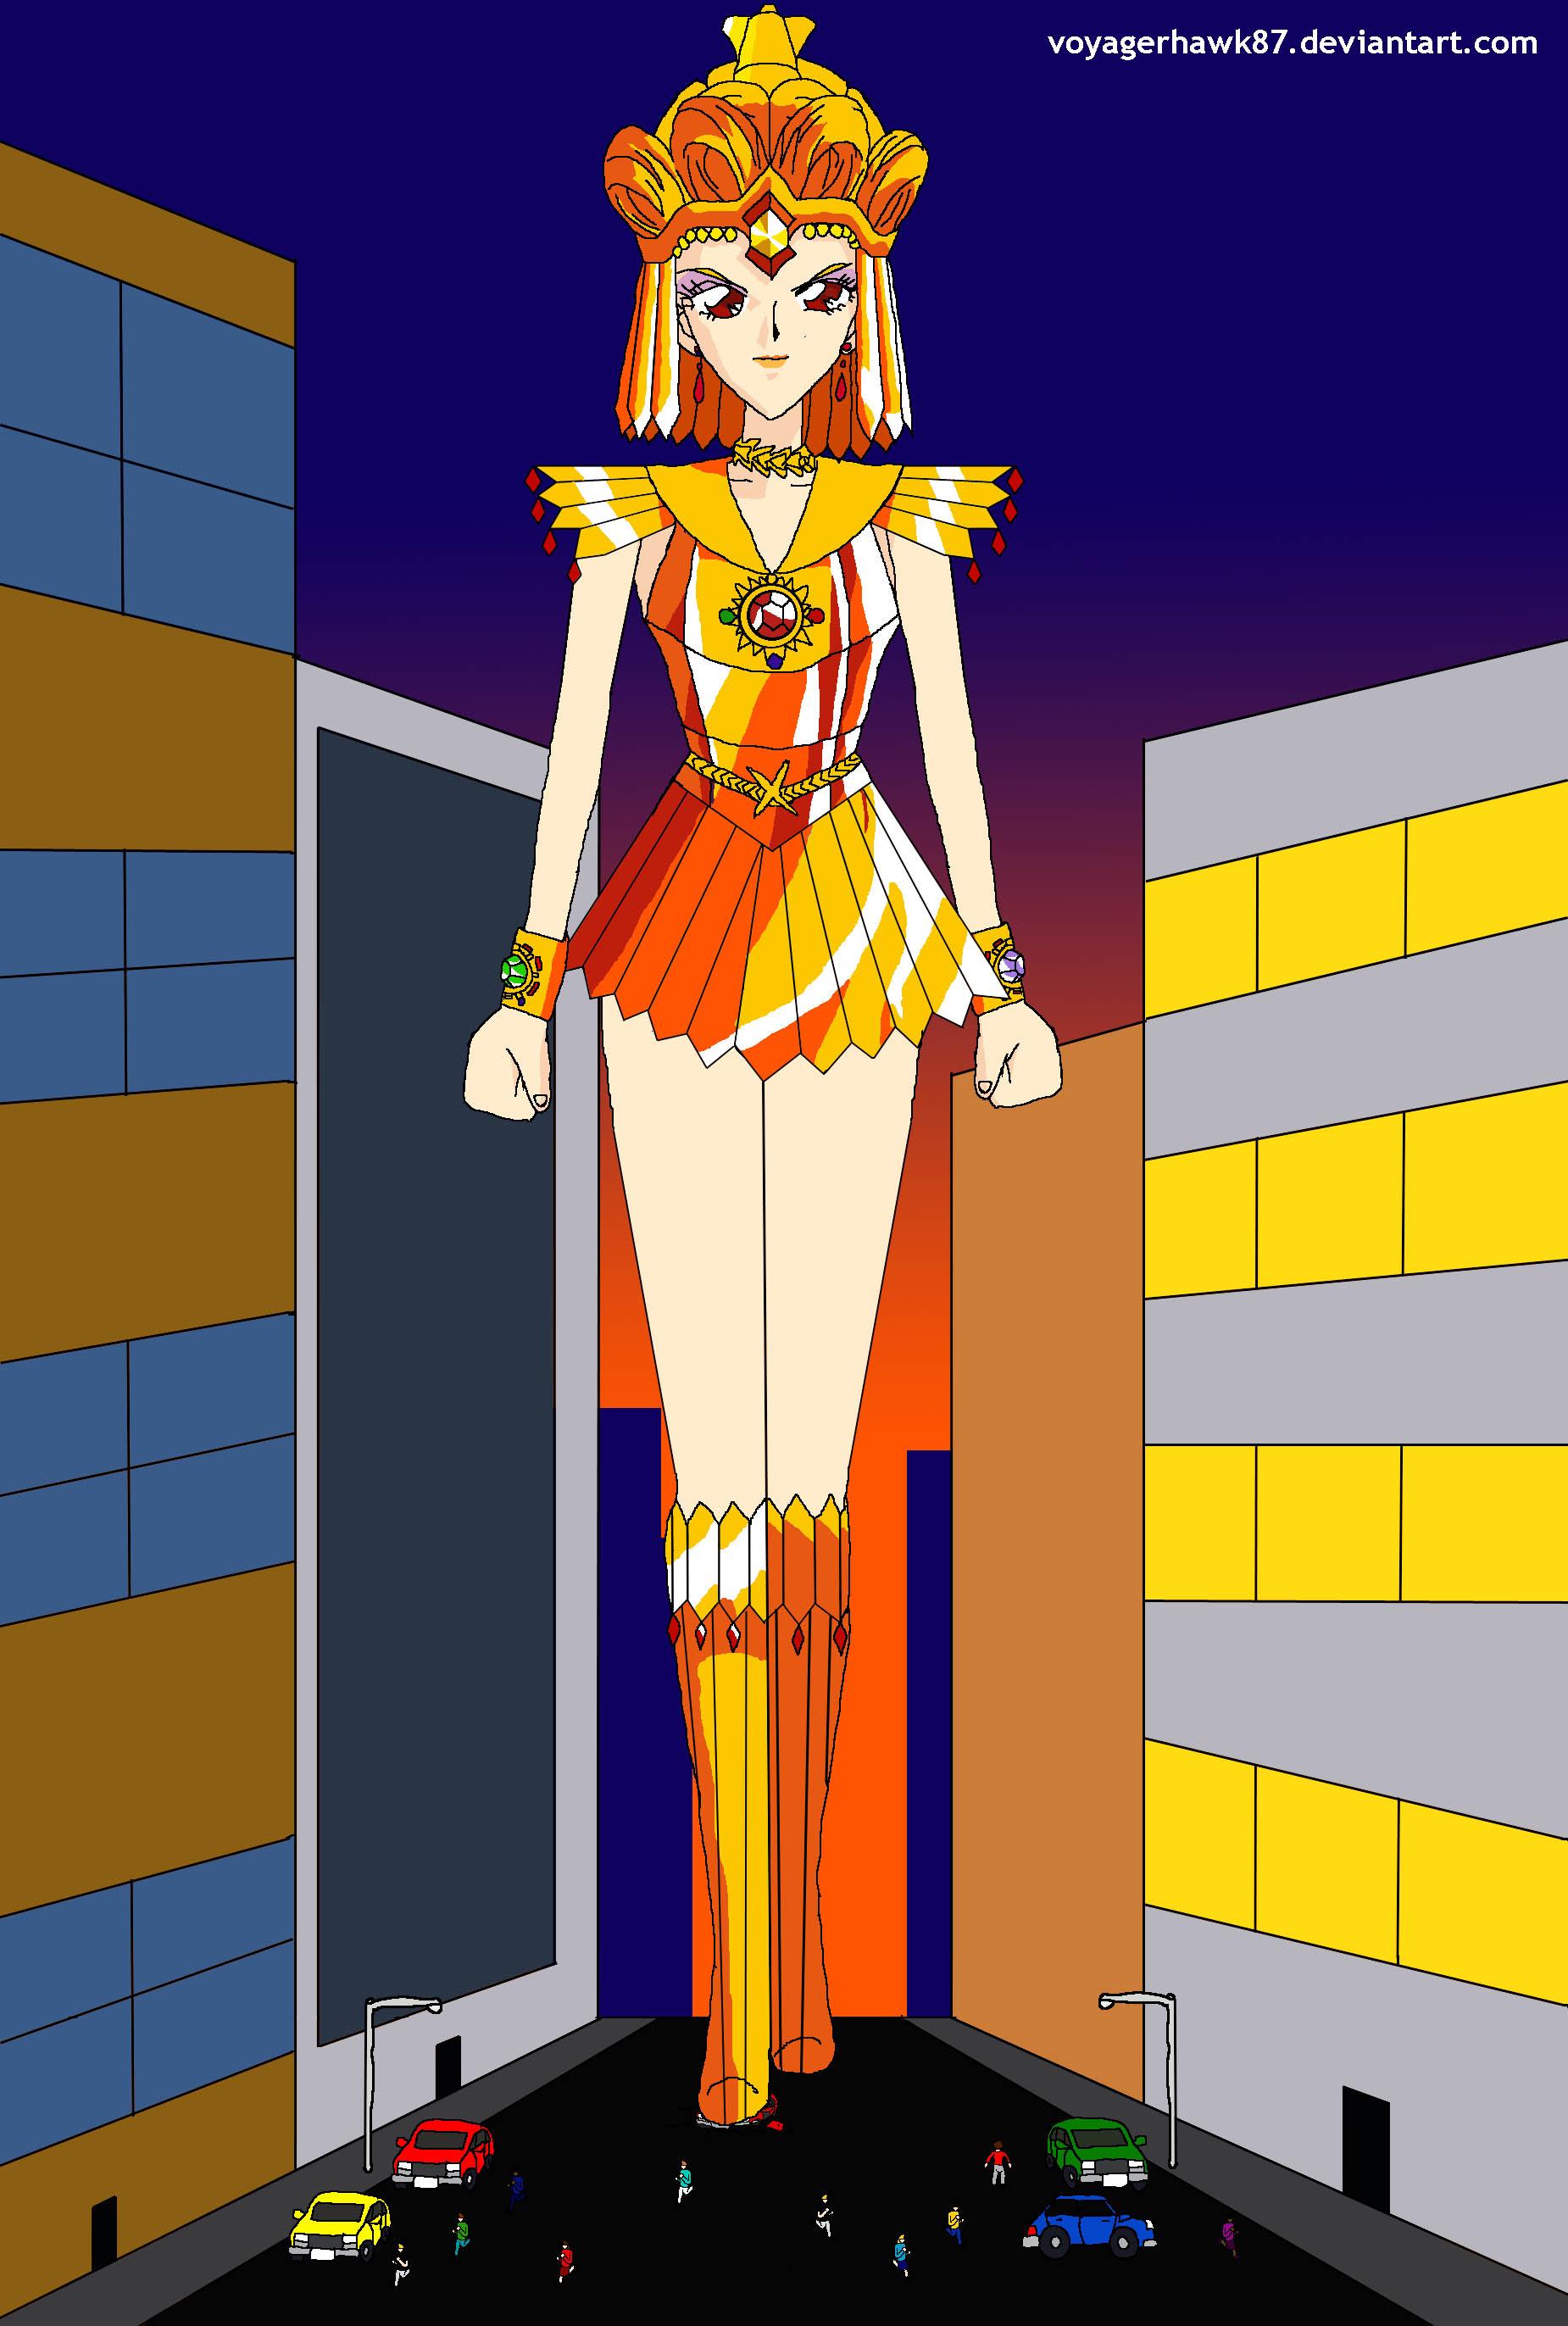 Sailor Moon villainess...